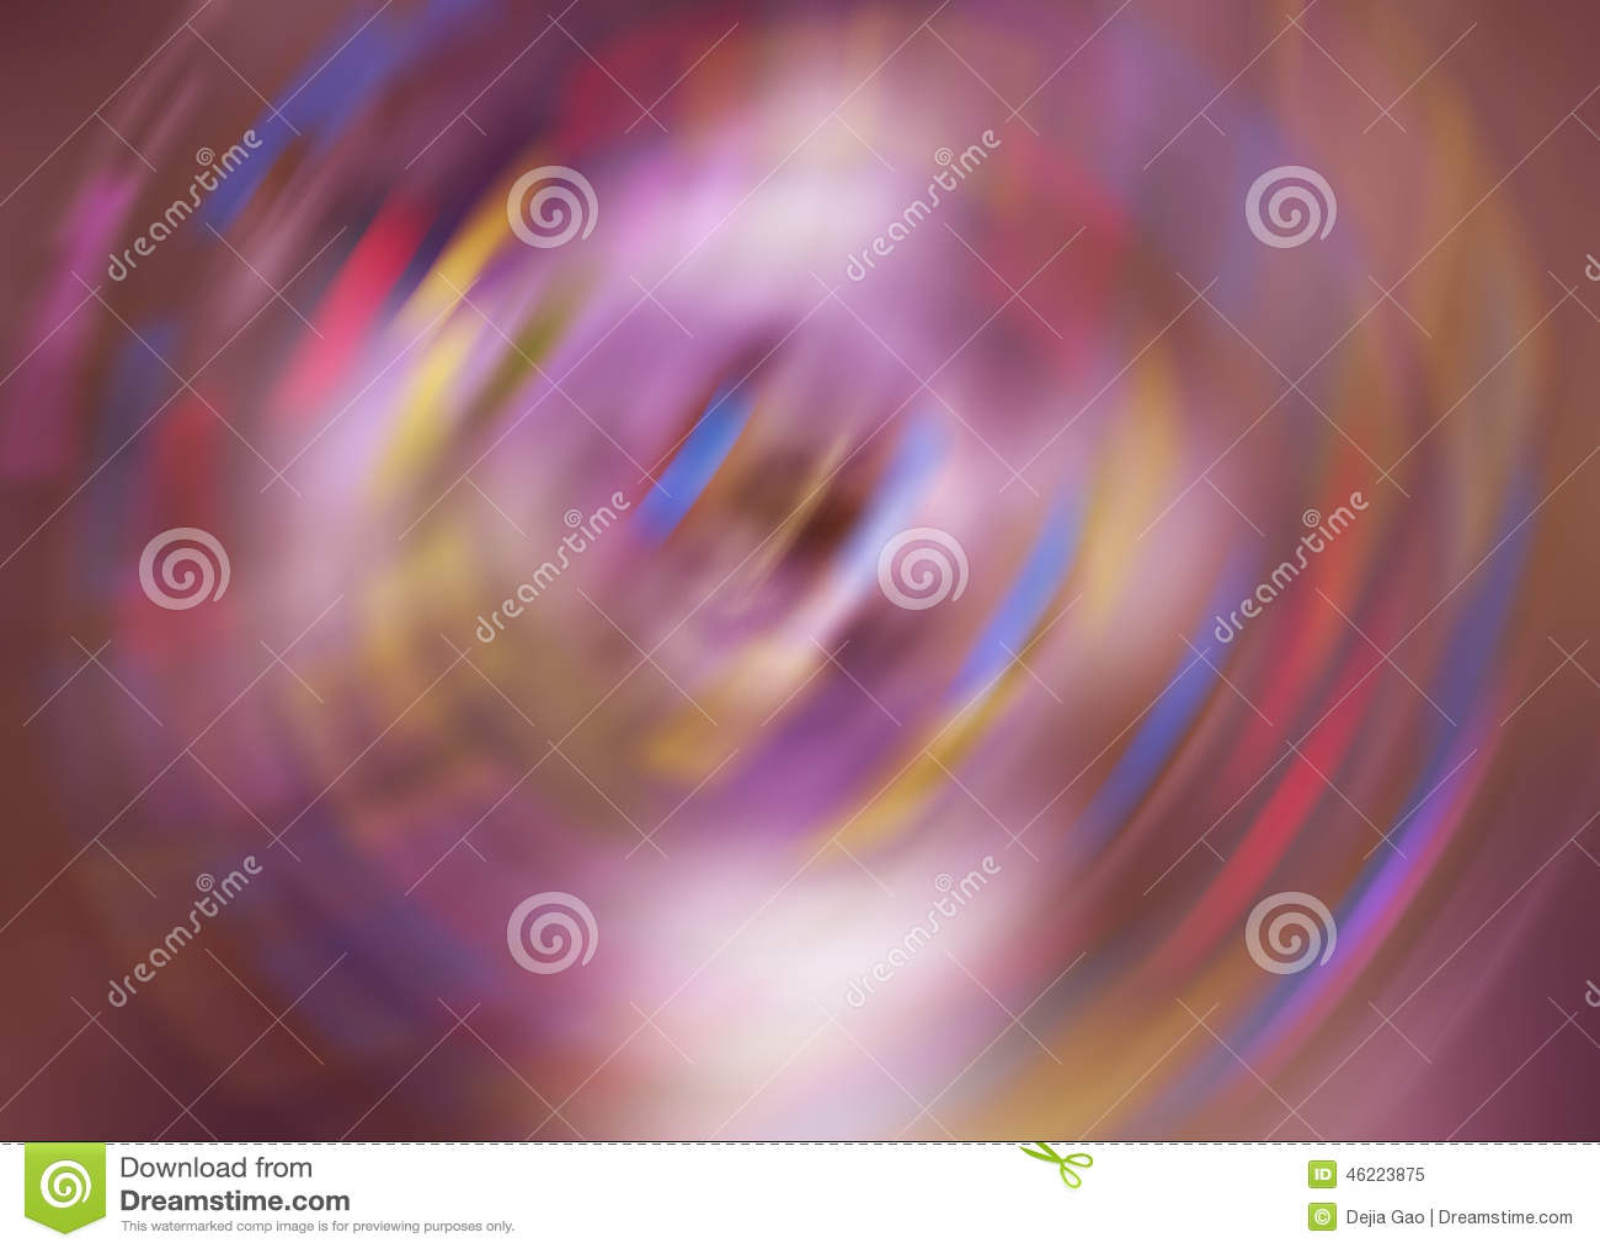 上色转动的抽象速度行动迷离背景,转动旋转被弄脏的样式